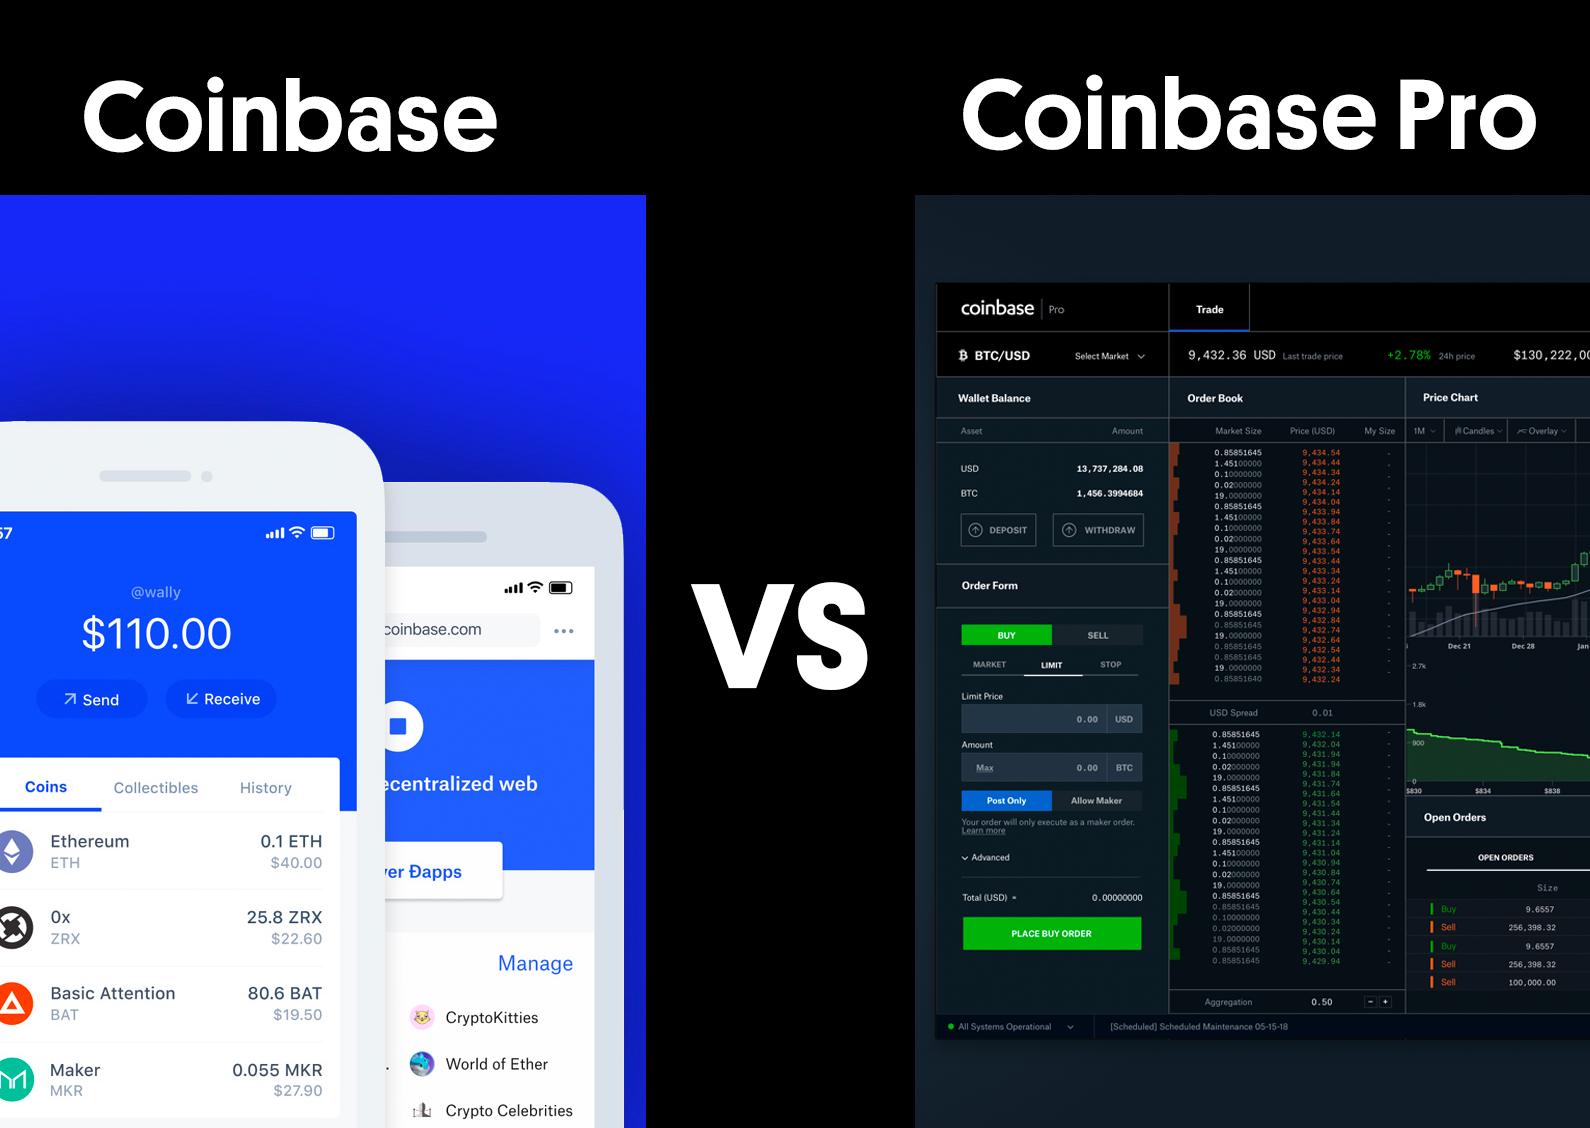 So senden Sie Crypto von der CoinBase-Brieftasche nach Coinbase Pro